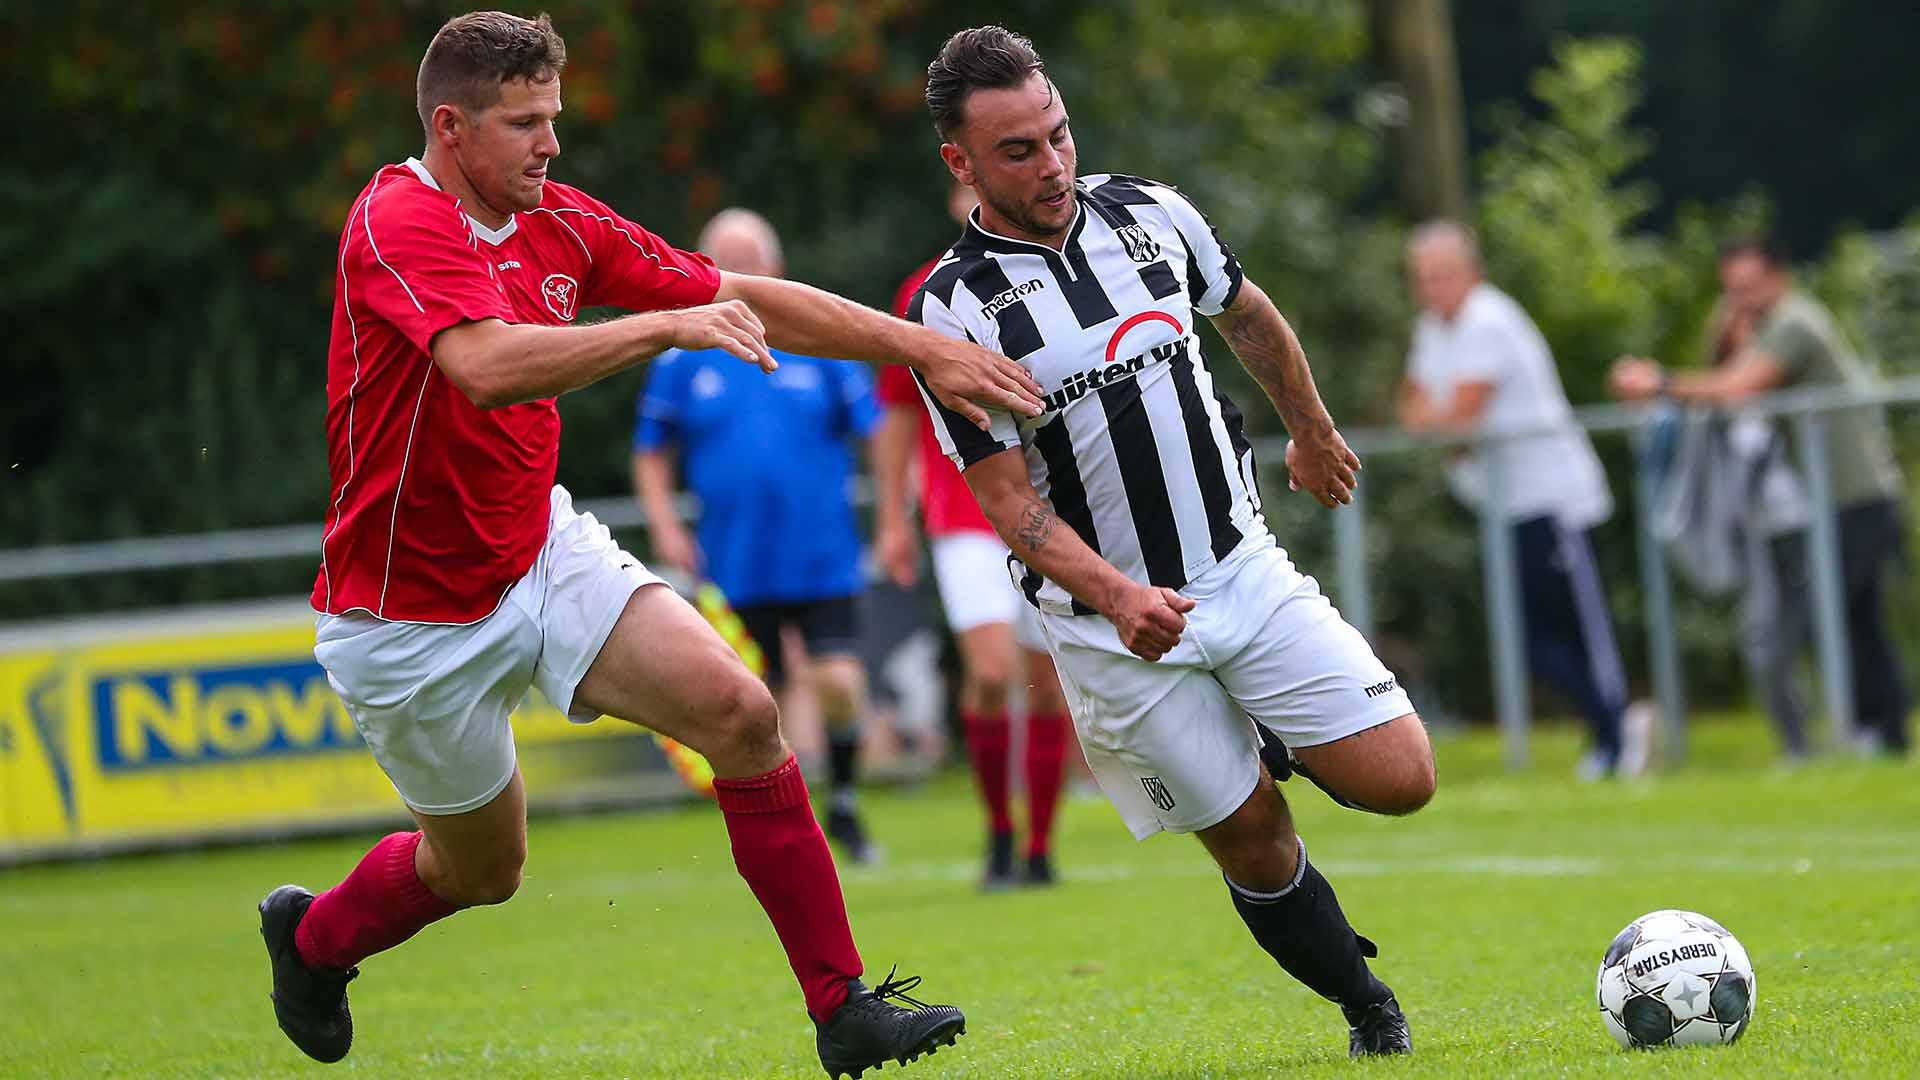 Jerry van Ingen scoort de gelijkmaker in de gewonnen wedstrijd tegen Wernhout